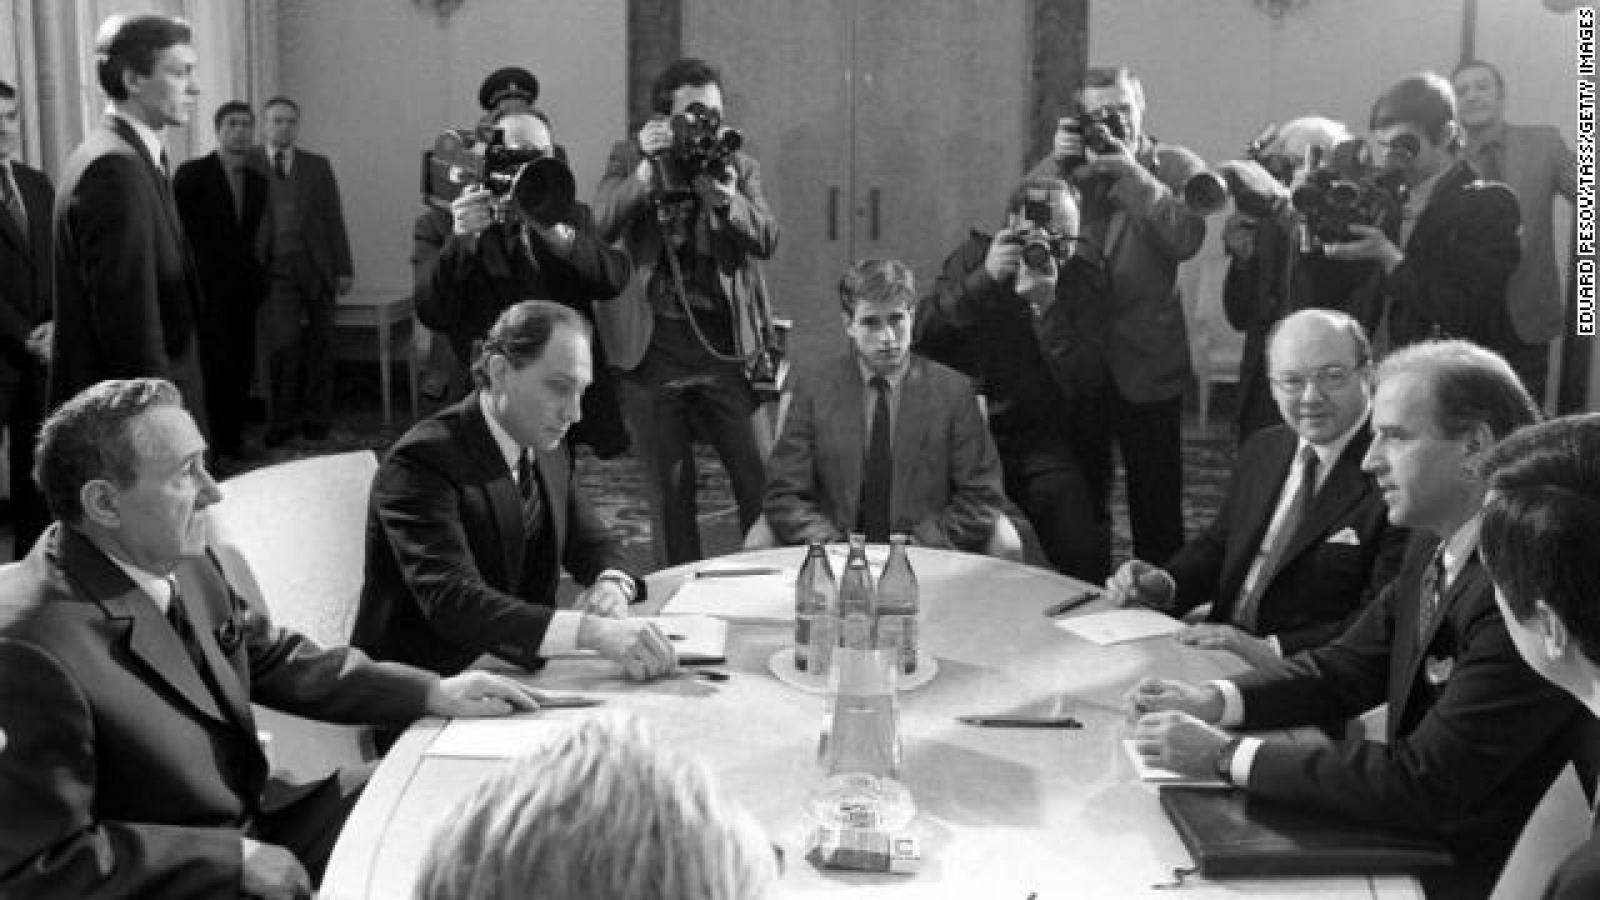 Kinh nghiệm dạn dày của ông Biden trong các vấn đề liên quan tới Nga